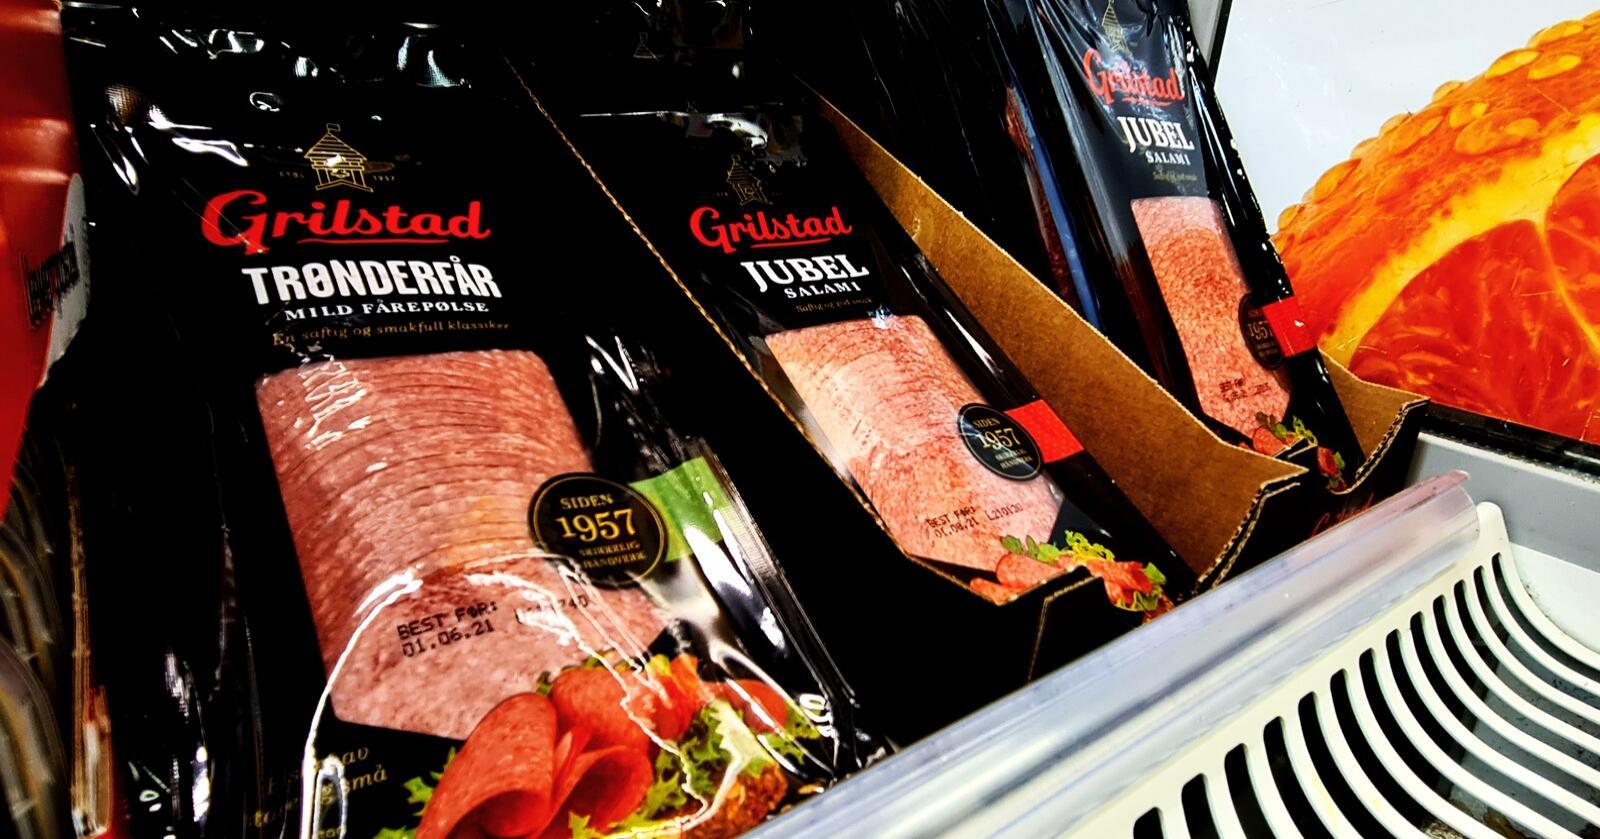 Kjøttprodukter hadde en prisøkning på 2,2 prosent i februar i år. Det er omtrent den samme prisoppgangen som matvarer og alkoholfrie drikkevarer hadde samlet. Foto: Jon-Fredrik Bækgaard Klausen